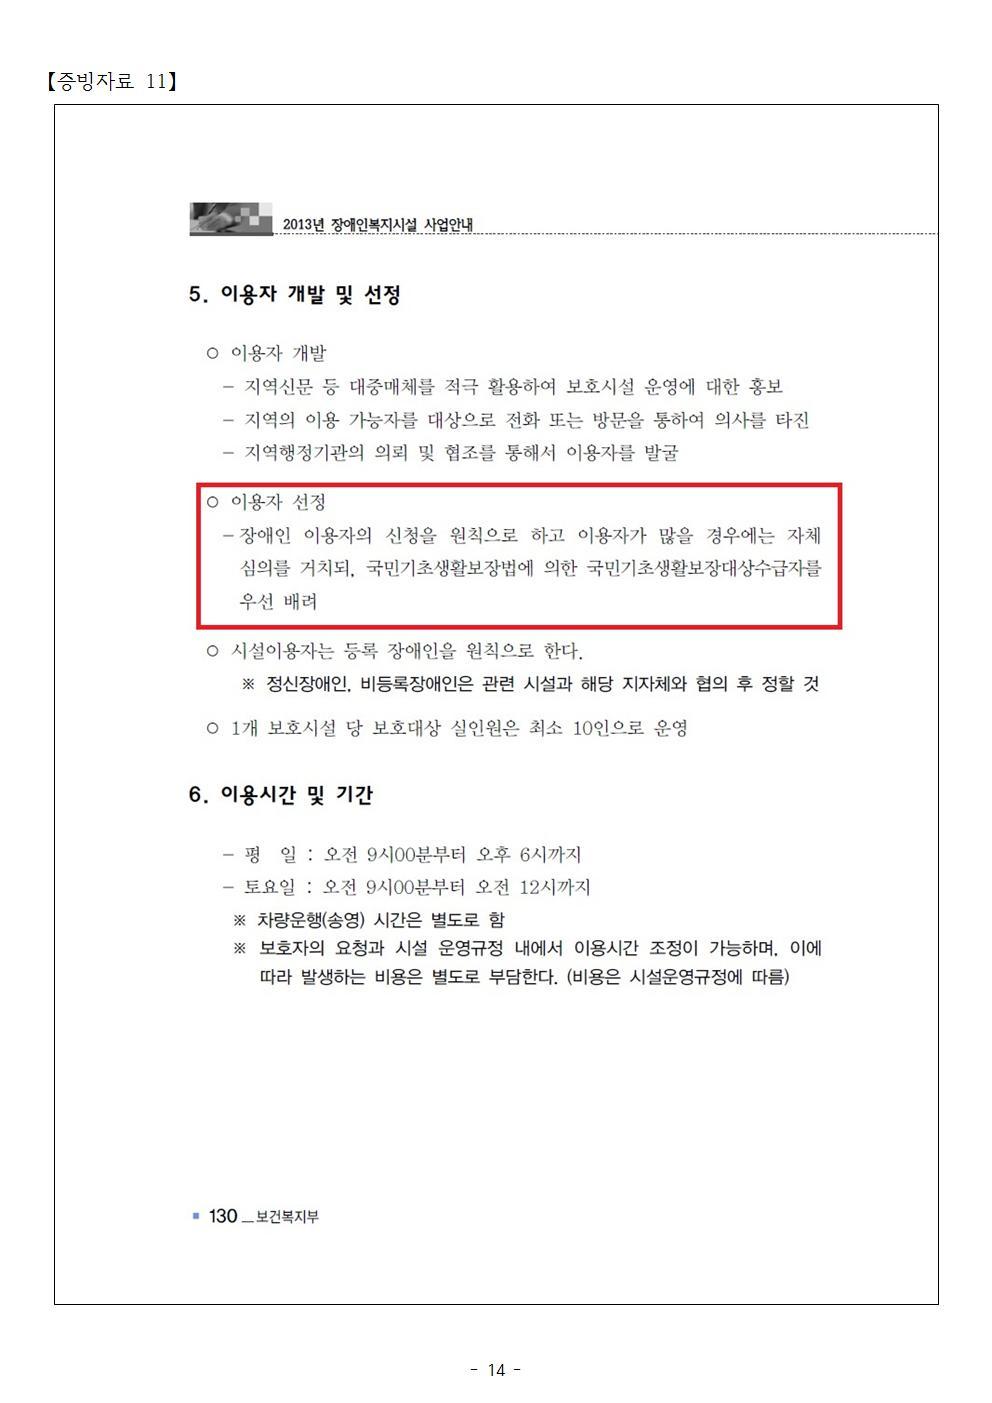 2013년 12월 31일 전주시(전북도), 손수레주간보호센터 신고에서 수리까지 모두 당일에 OK014.jpg